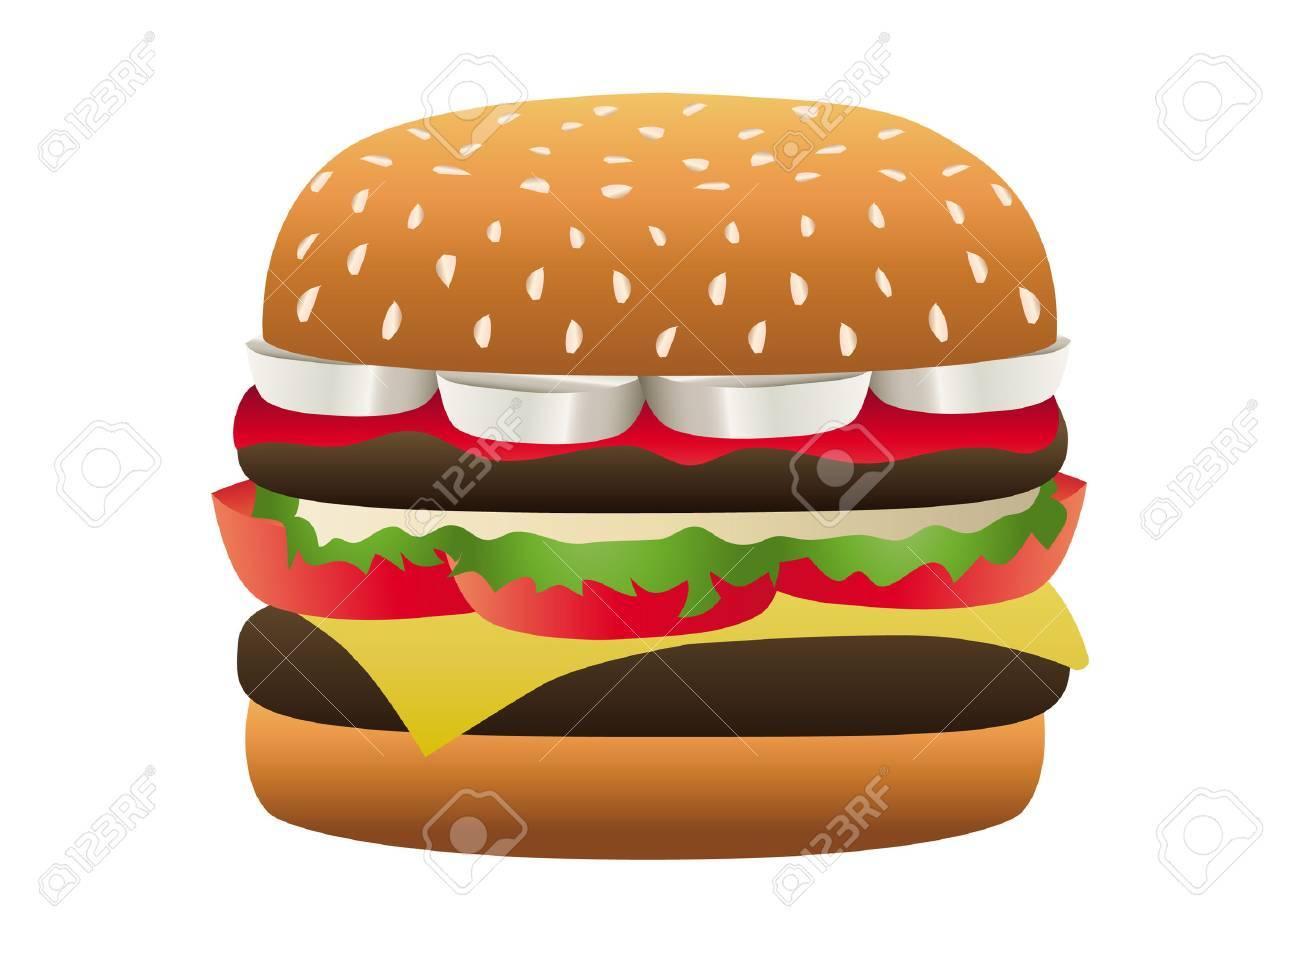 fast food - 4680575